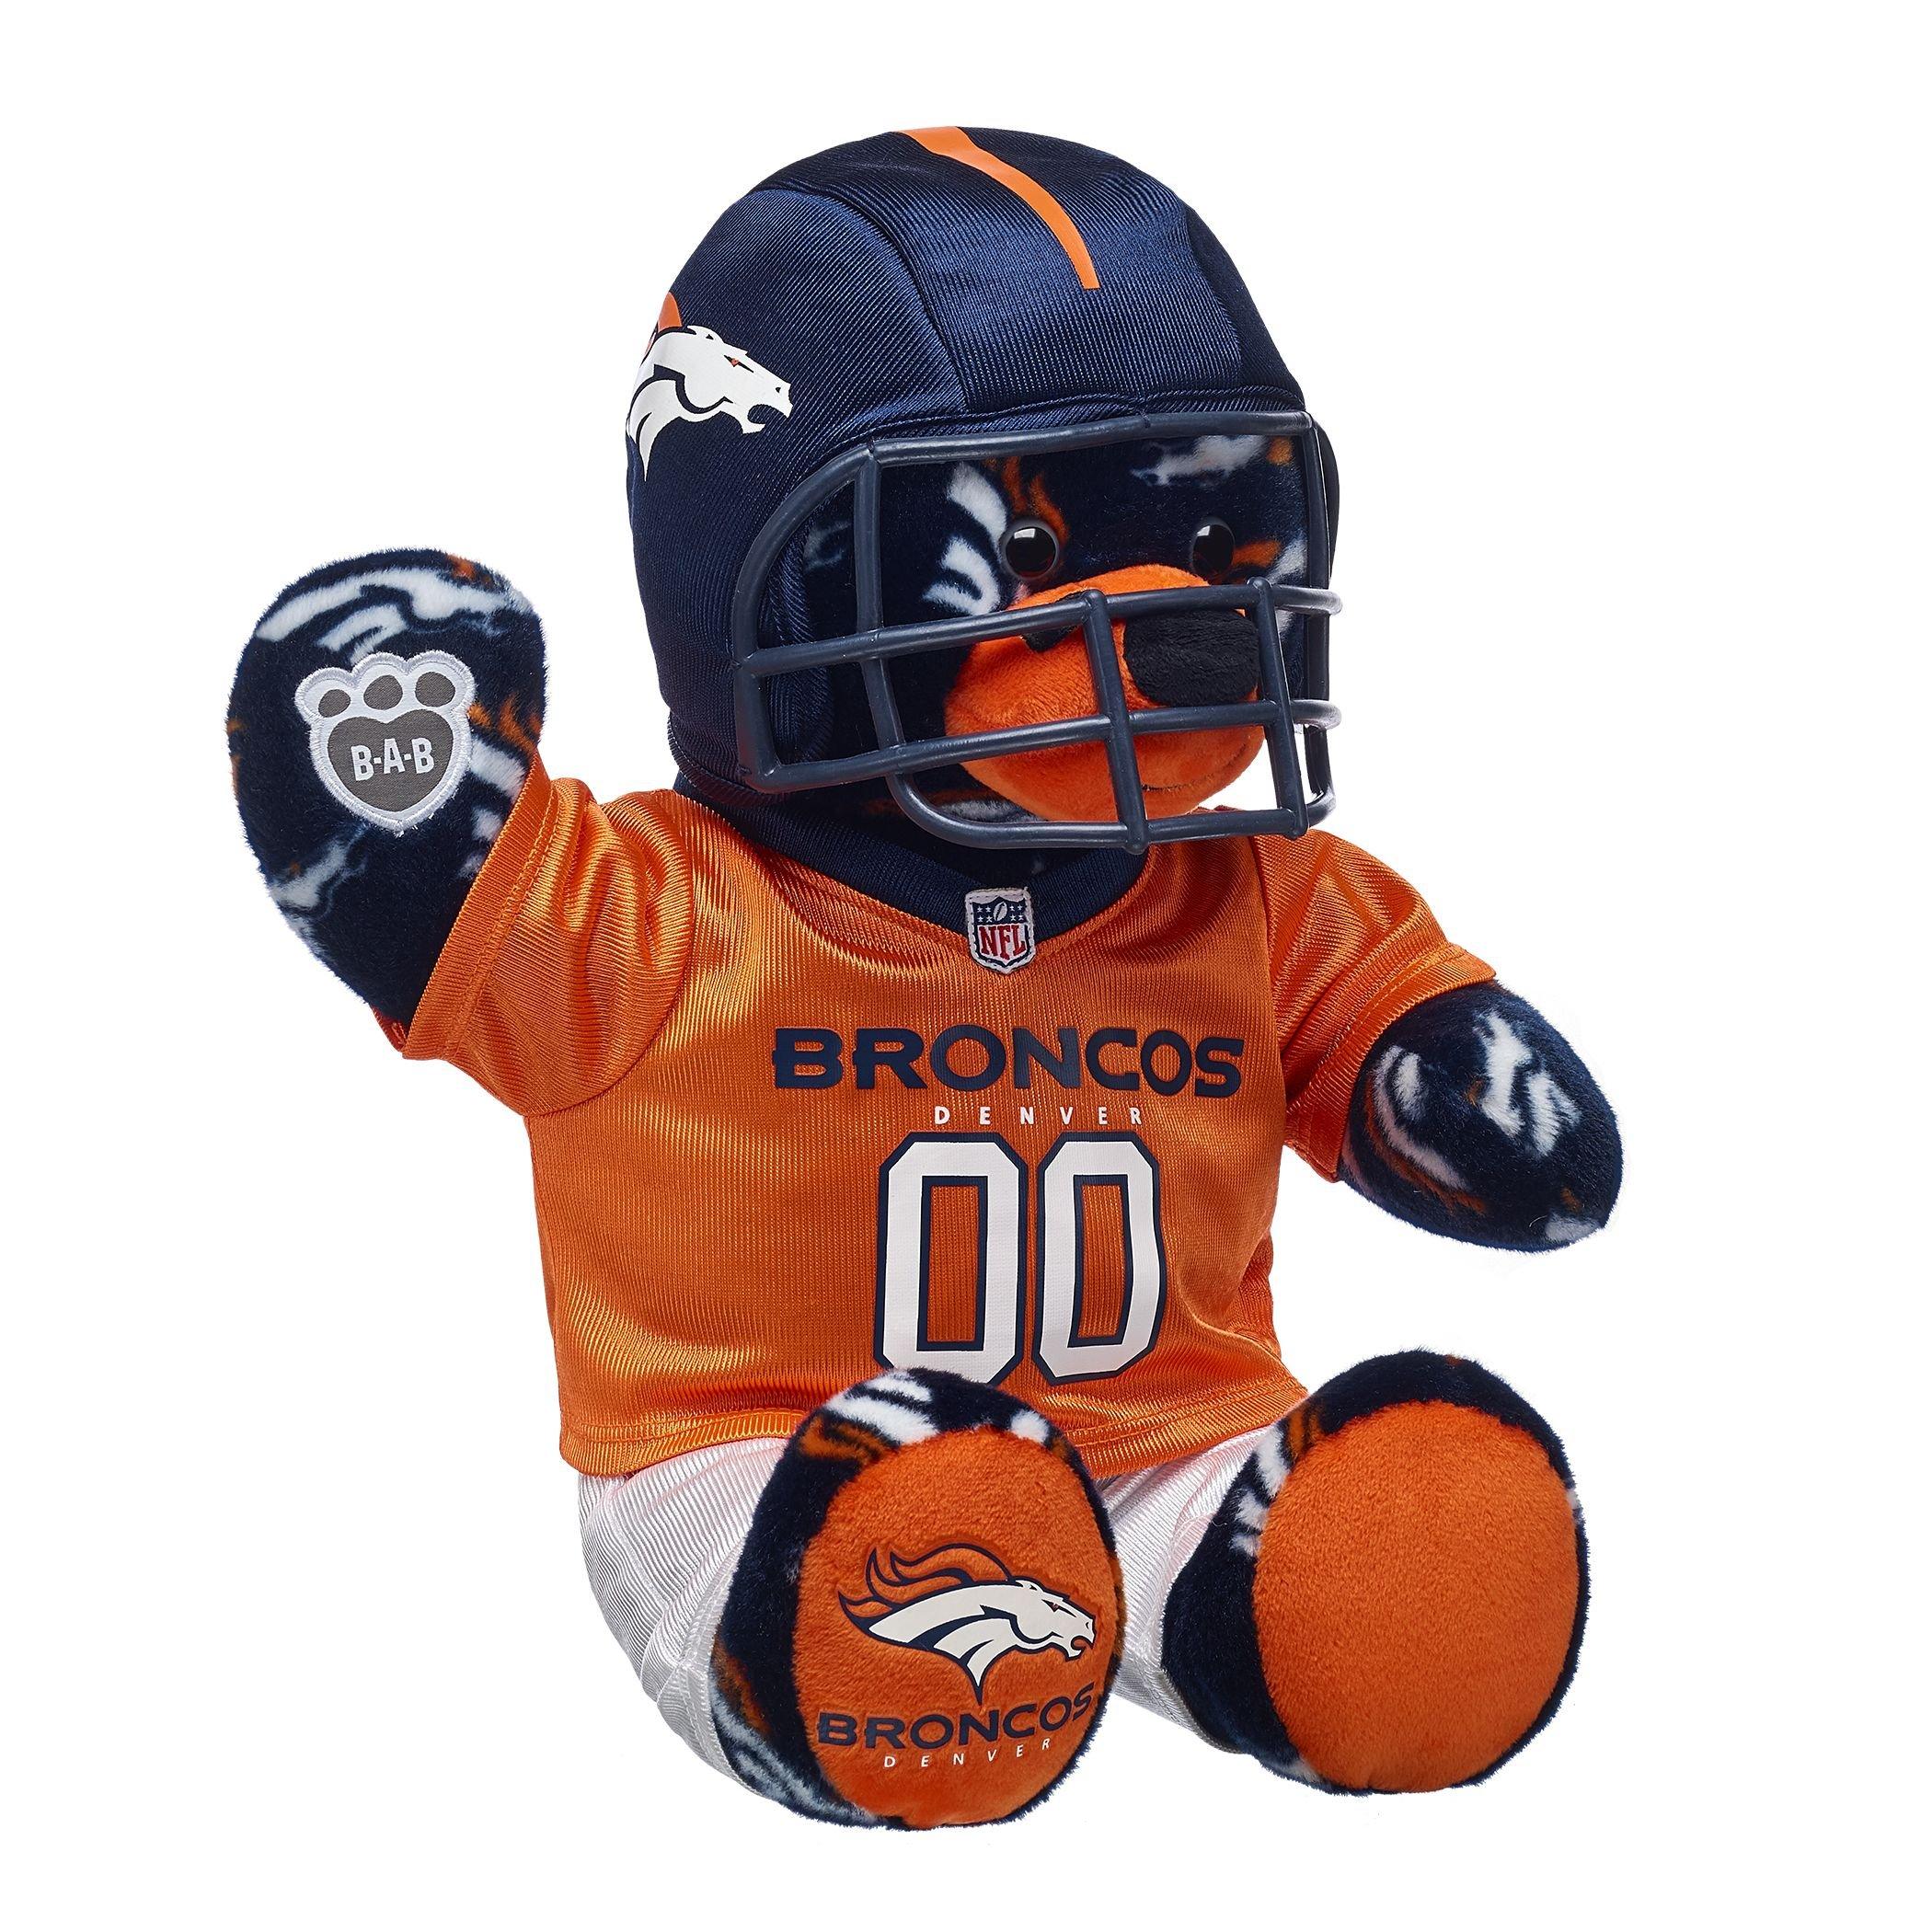 ビルド・ア・ベア・ワークショップdenver Broncos Teddy Bearファンセット Kid Toys 4